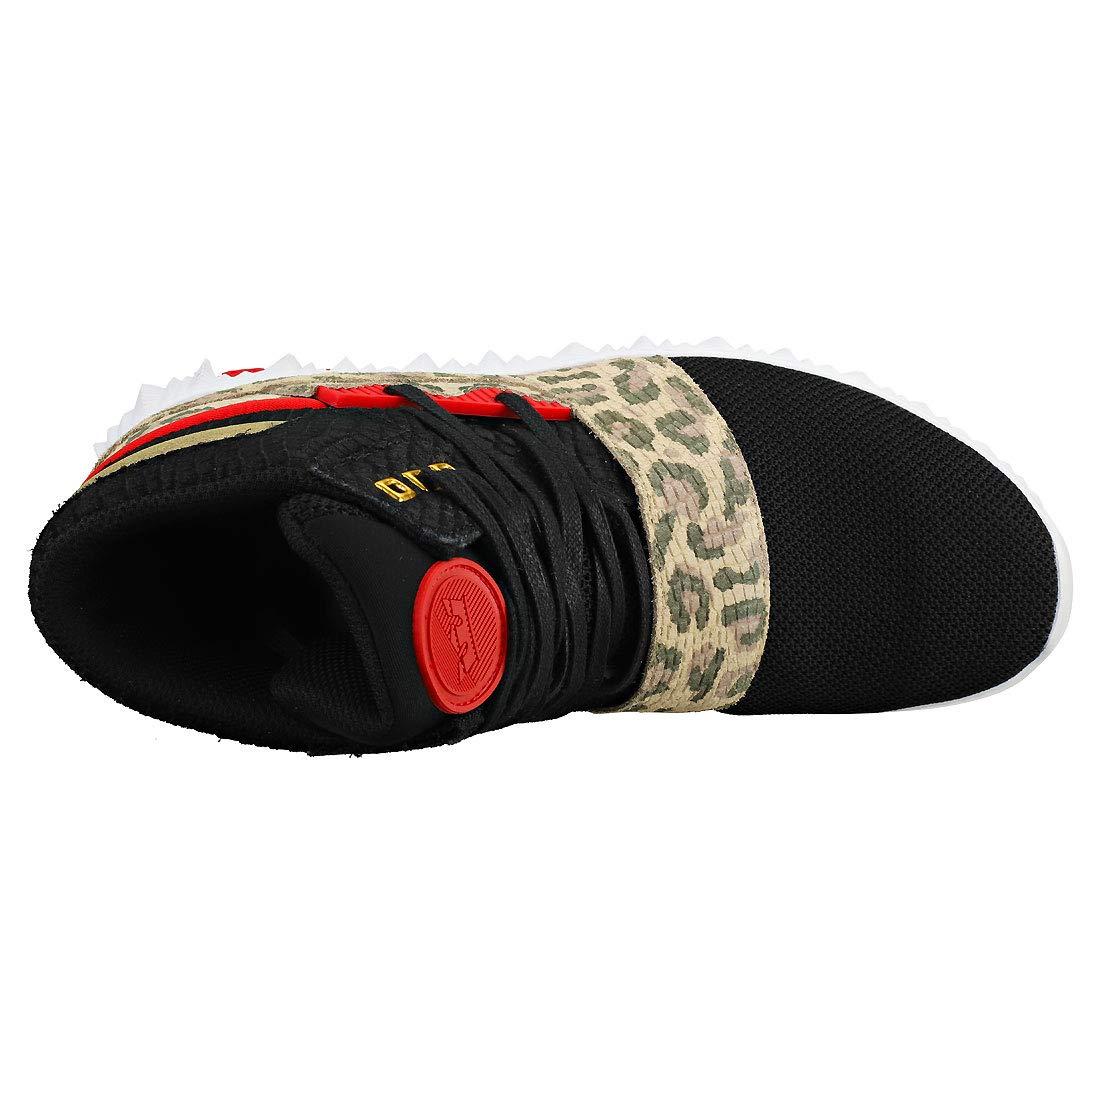 Supra Supra Supra Uomo Scarpe scarpe da ginnastica Jagati B078ZL1KS9 43 EU Donne Uomini 44 D  EU Animal bianca | Qualità Affidabile  | Sito Ufficiale  | Per tua scelta  | Di Qualità Dei Prodotti  | Nuove Varietà Vengono Introdotti Uno Dopo L'altro  | La Vendita  98e528